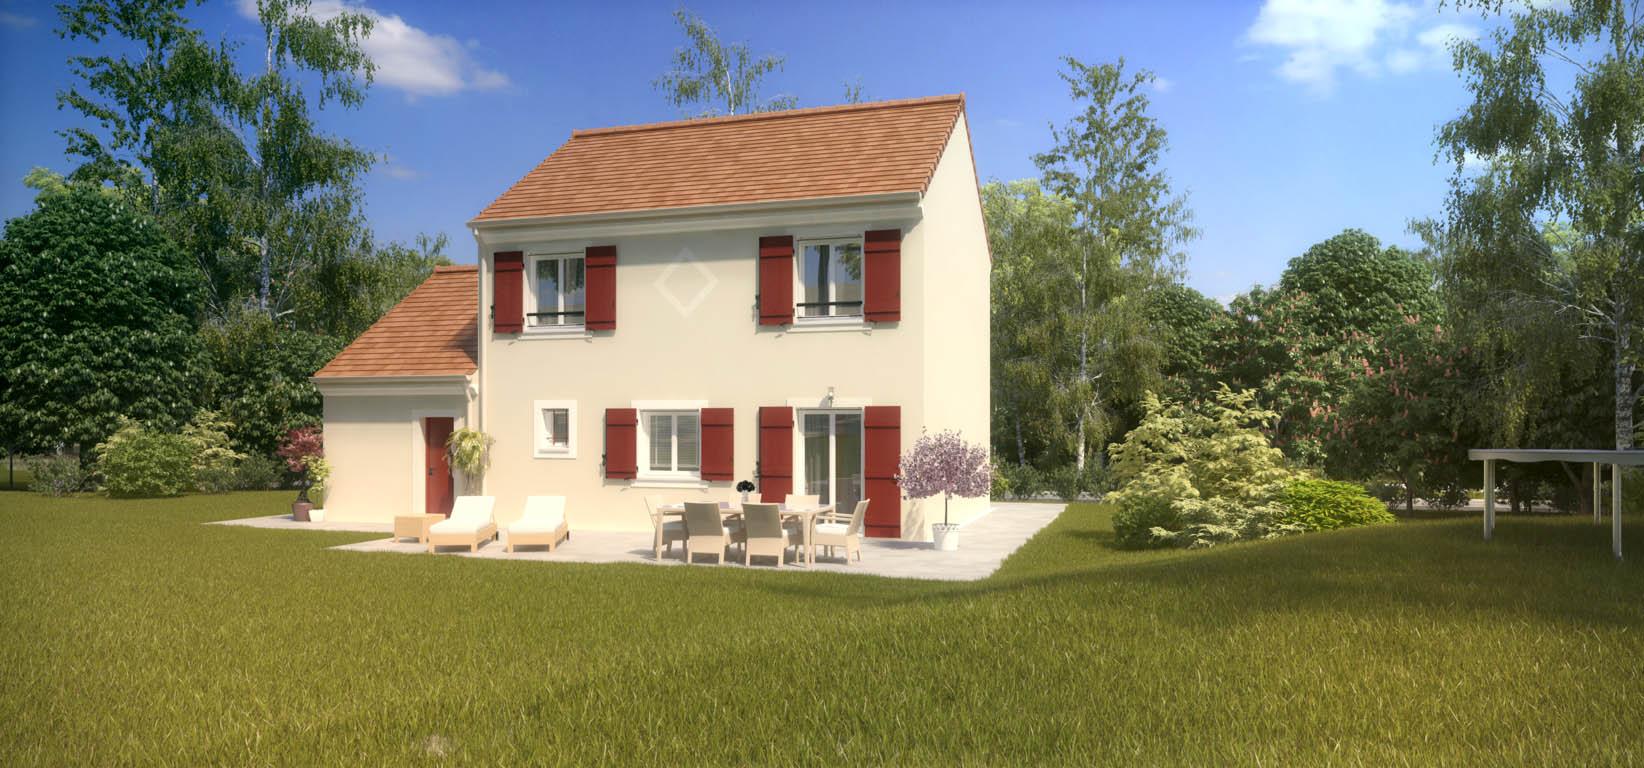 Maisons du constructeur MAISONS PIERRE BELLE EPINE • 87 m² • VILLECRESNES